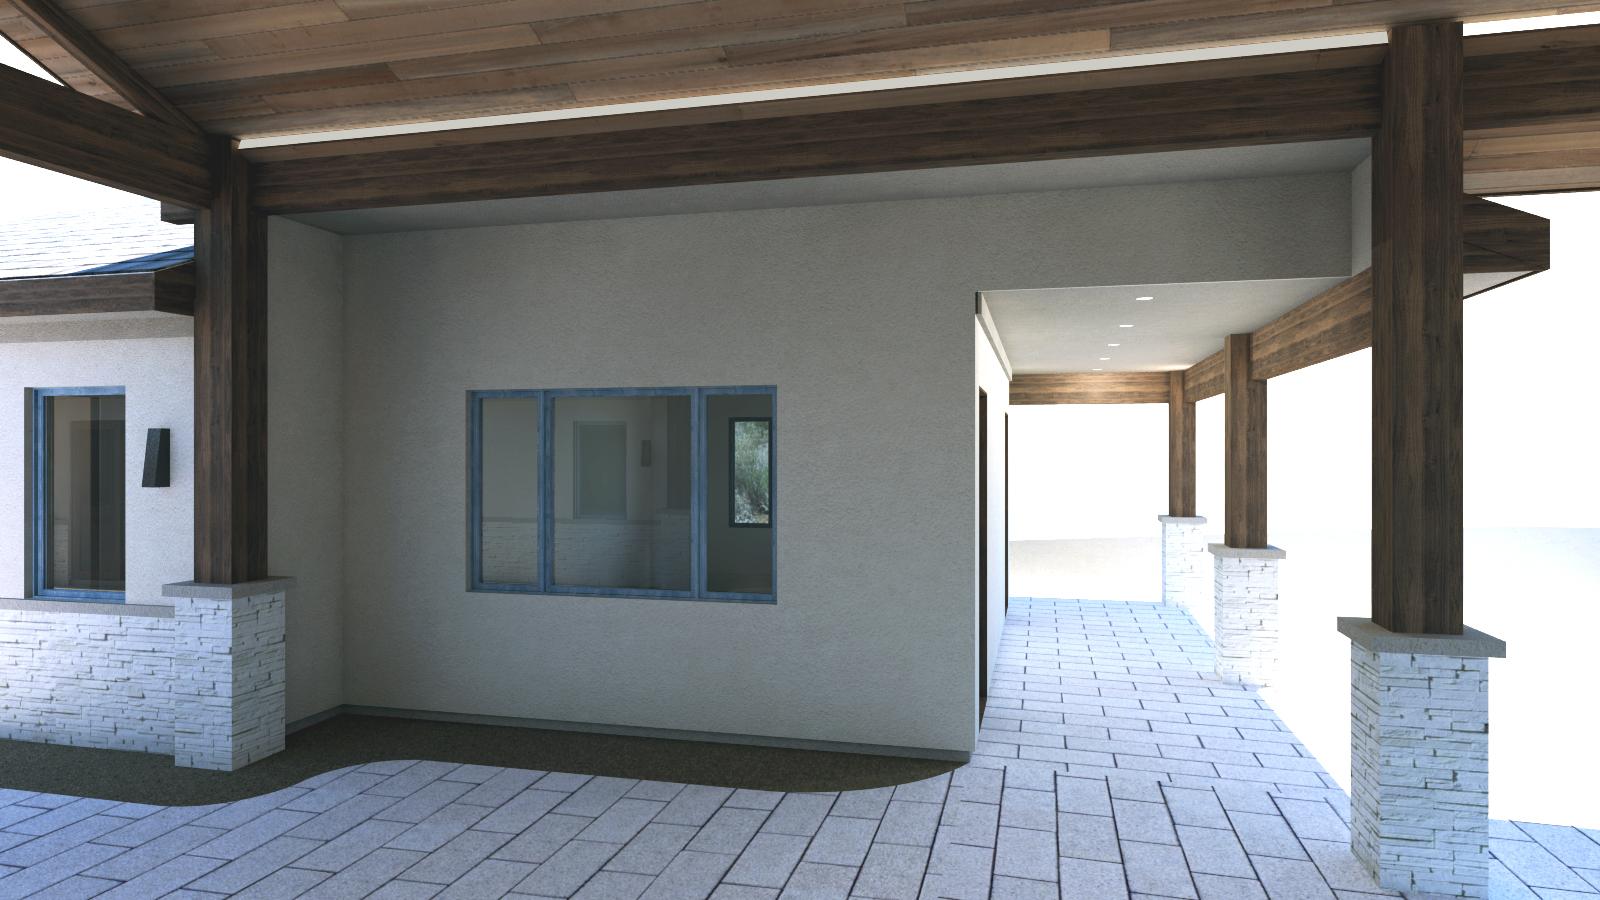 110 Crystal Sky_Scene 3_Beam to Wall Detail.jpg